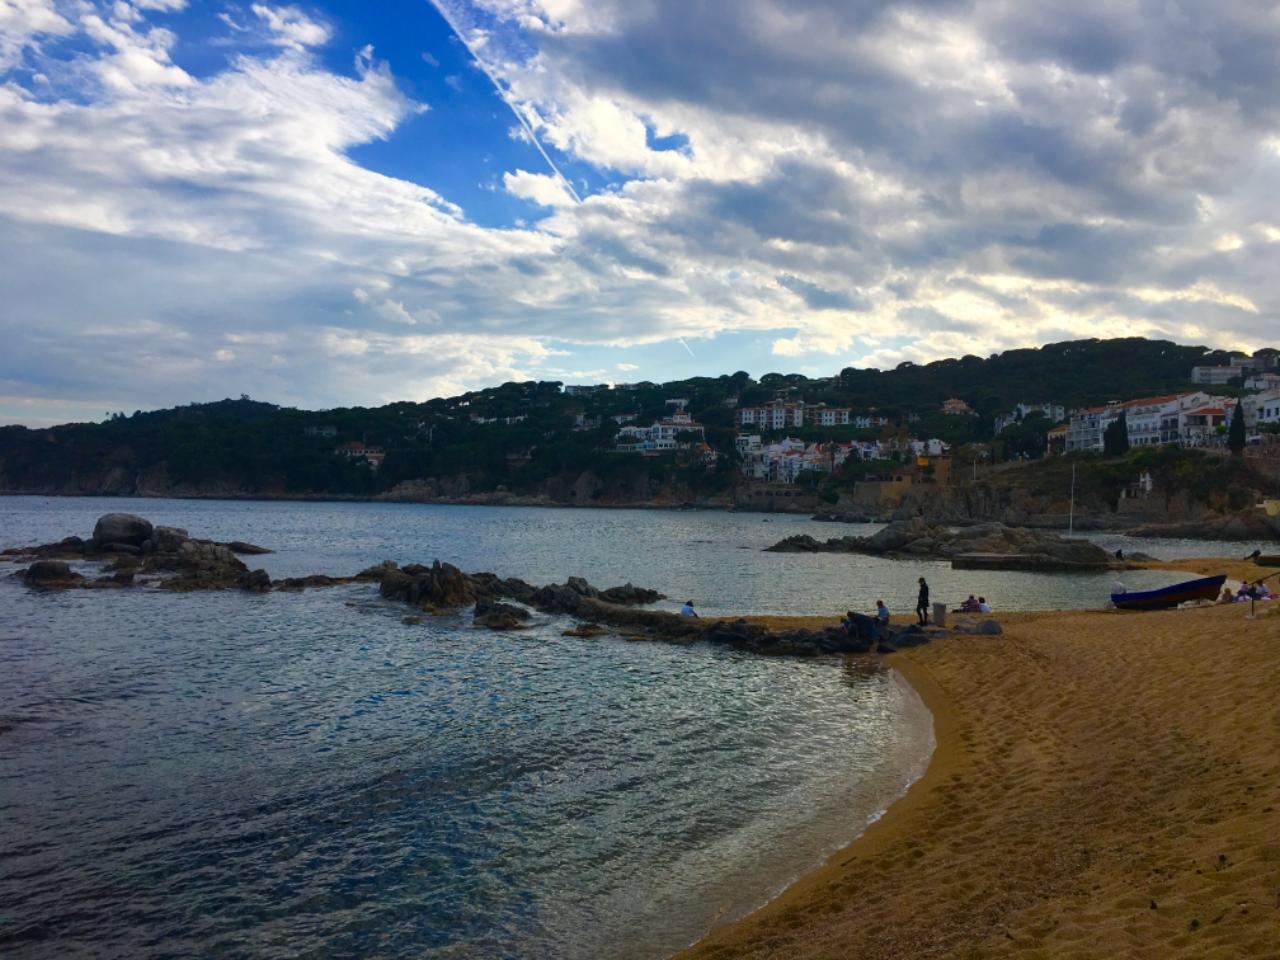 Photo 3: Visite de Calella de Palafrugell